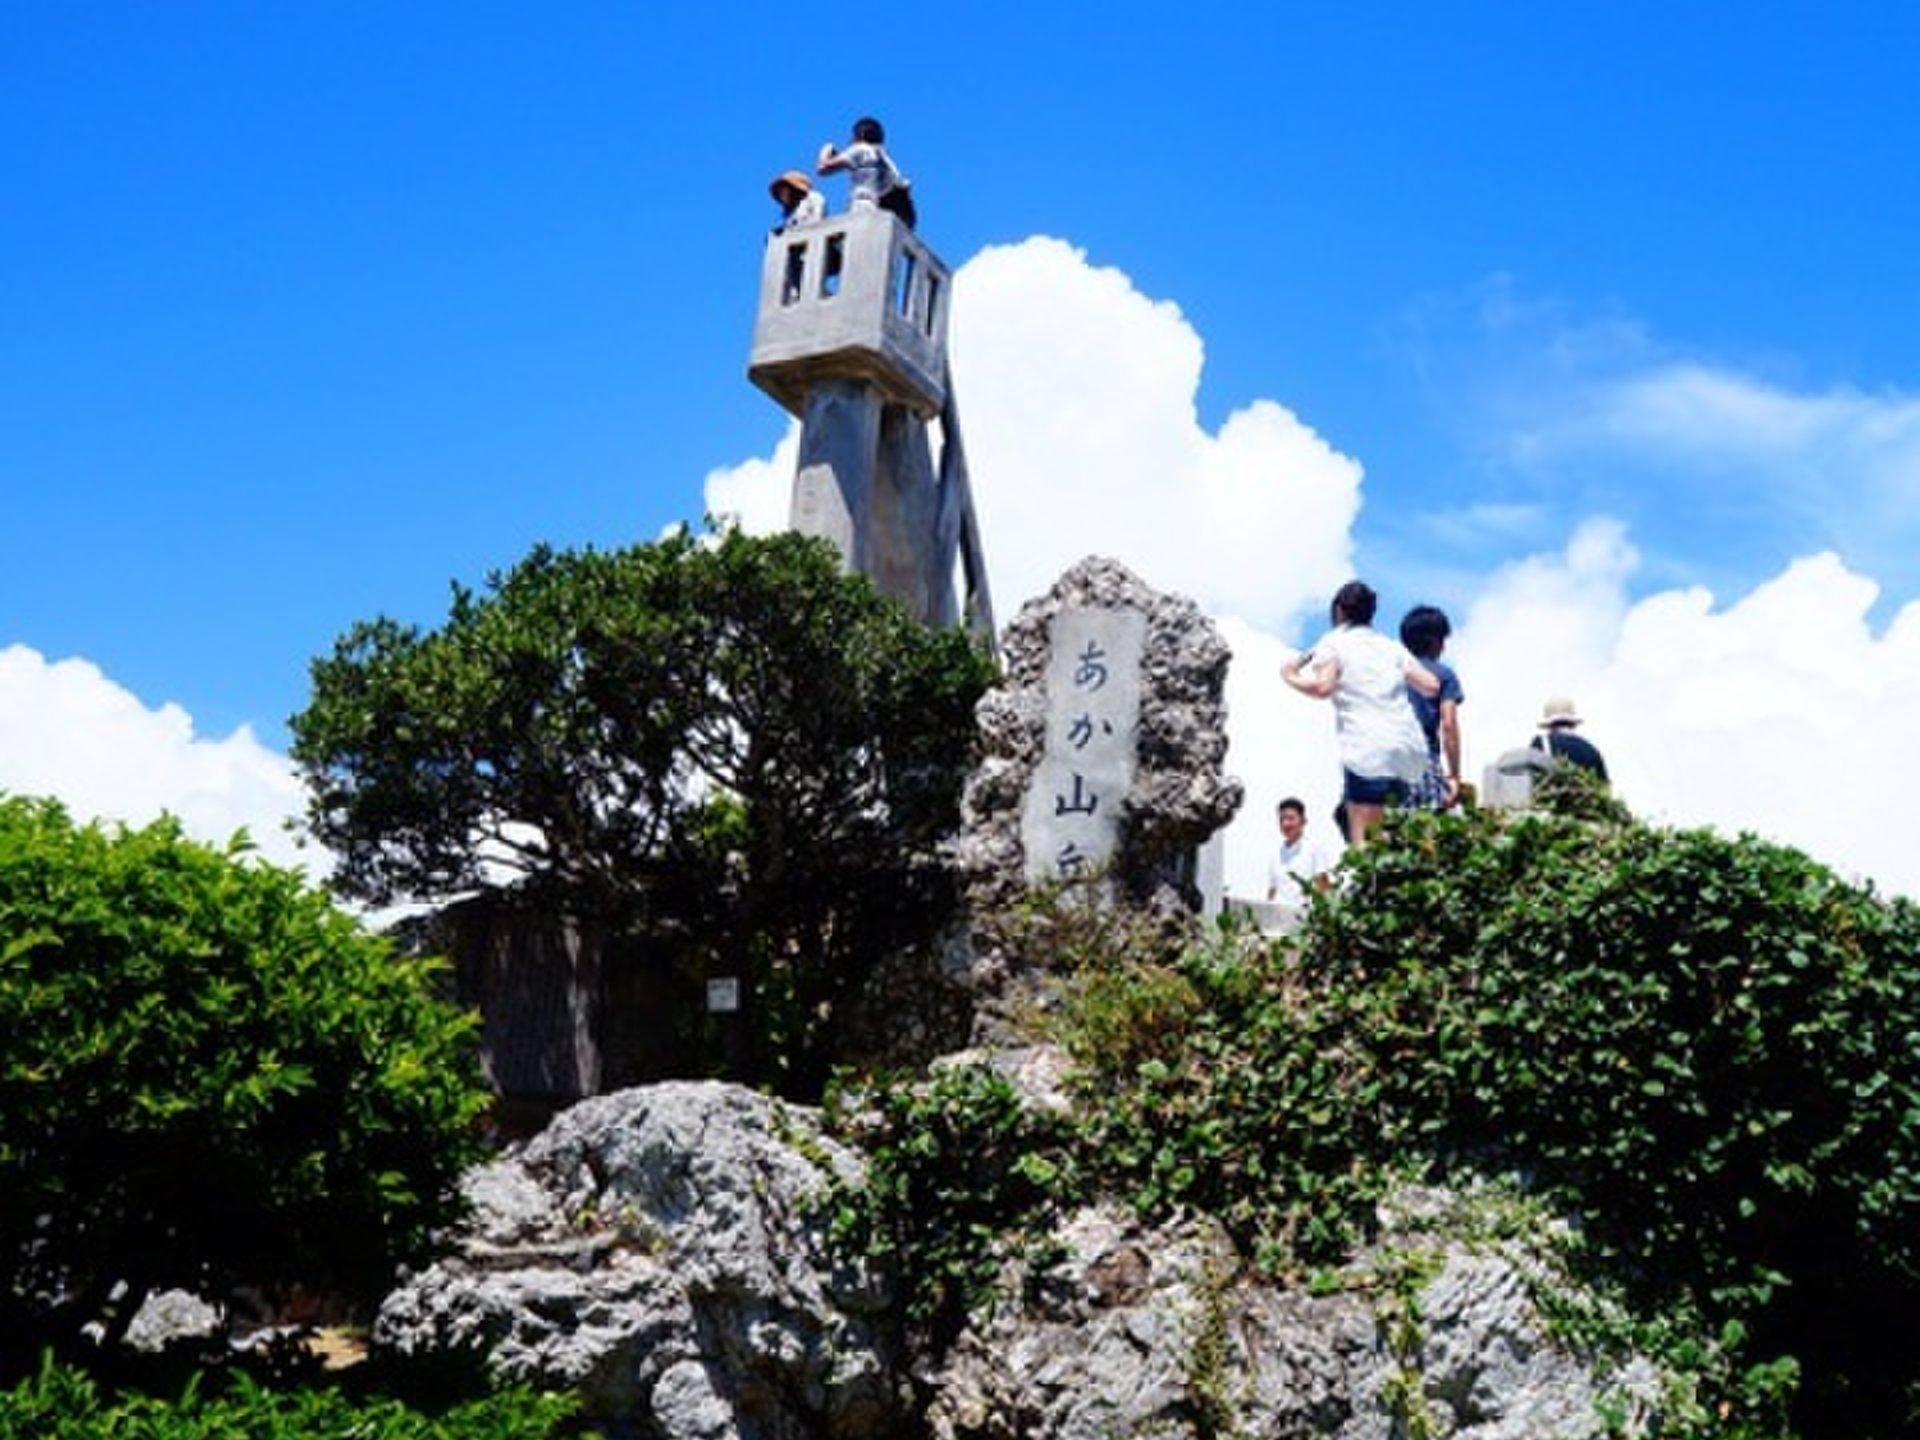 石垣島で大自然に触れる!大満足の1泊2日旅行・アクティビティプラン◎